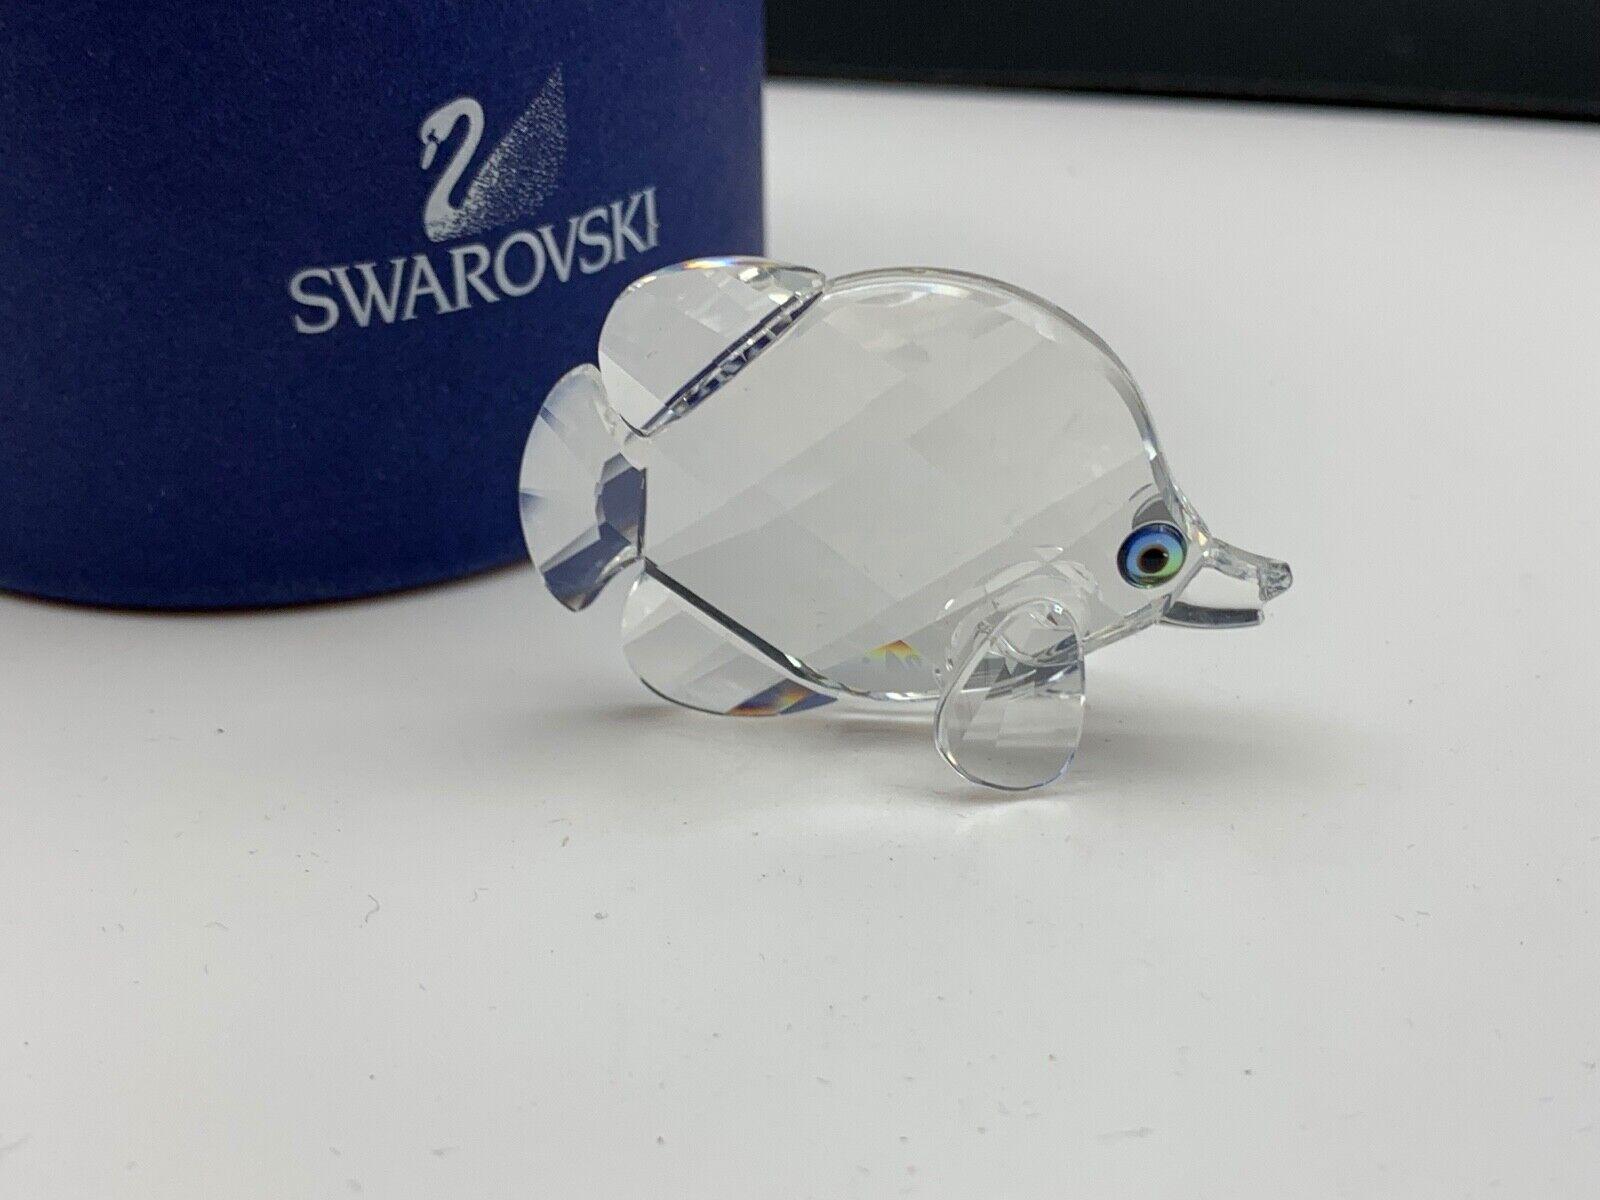 Swarovski Figur 670819 Schmetterlingsfisch 5 cm. Ovp & Zertifikat. Top Zustand